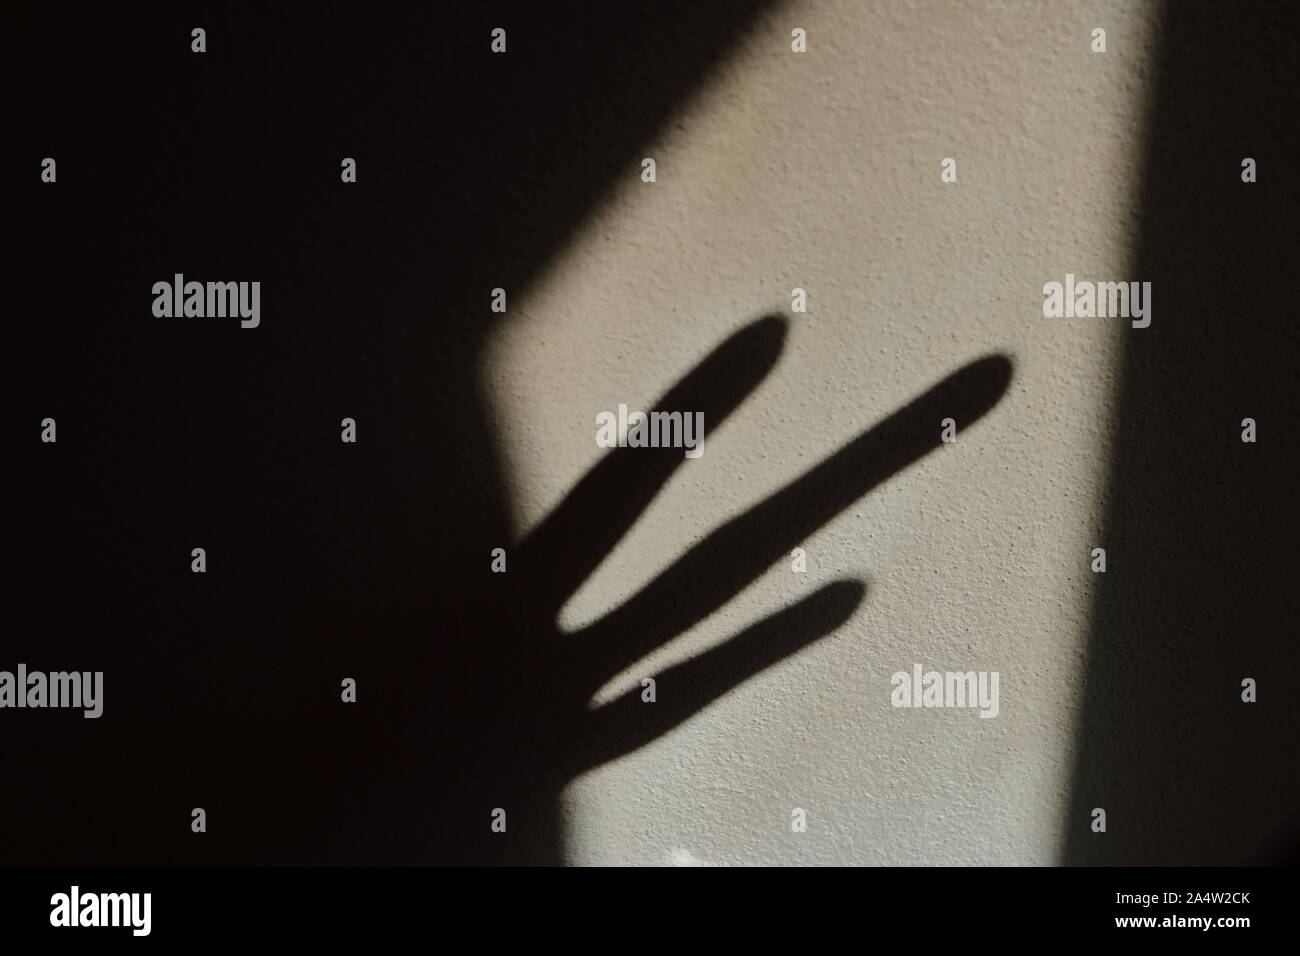 Closeup extrañas sombras en la pared asustarlo Foto de stock